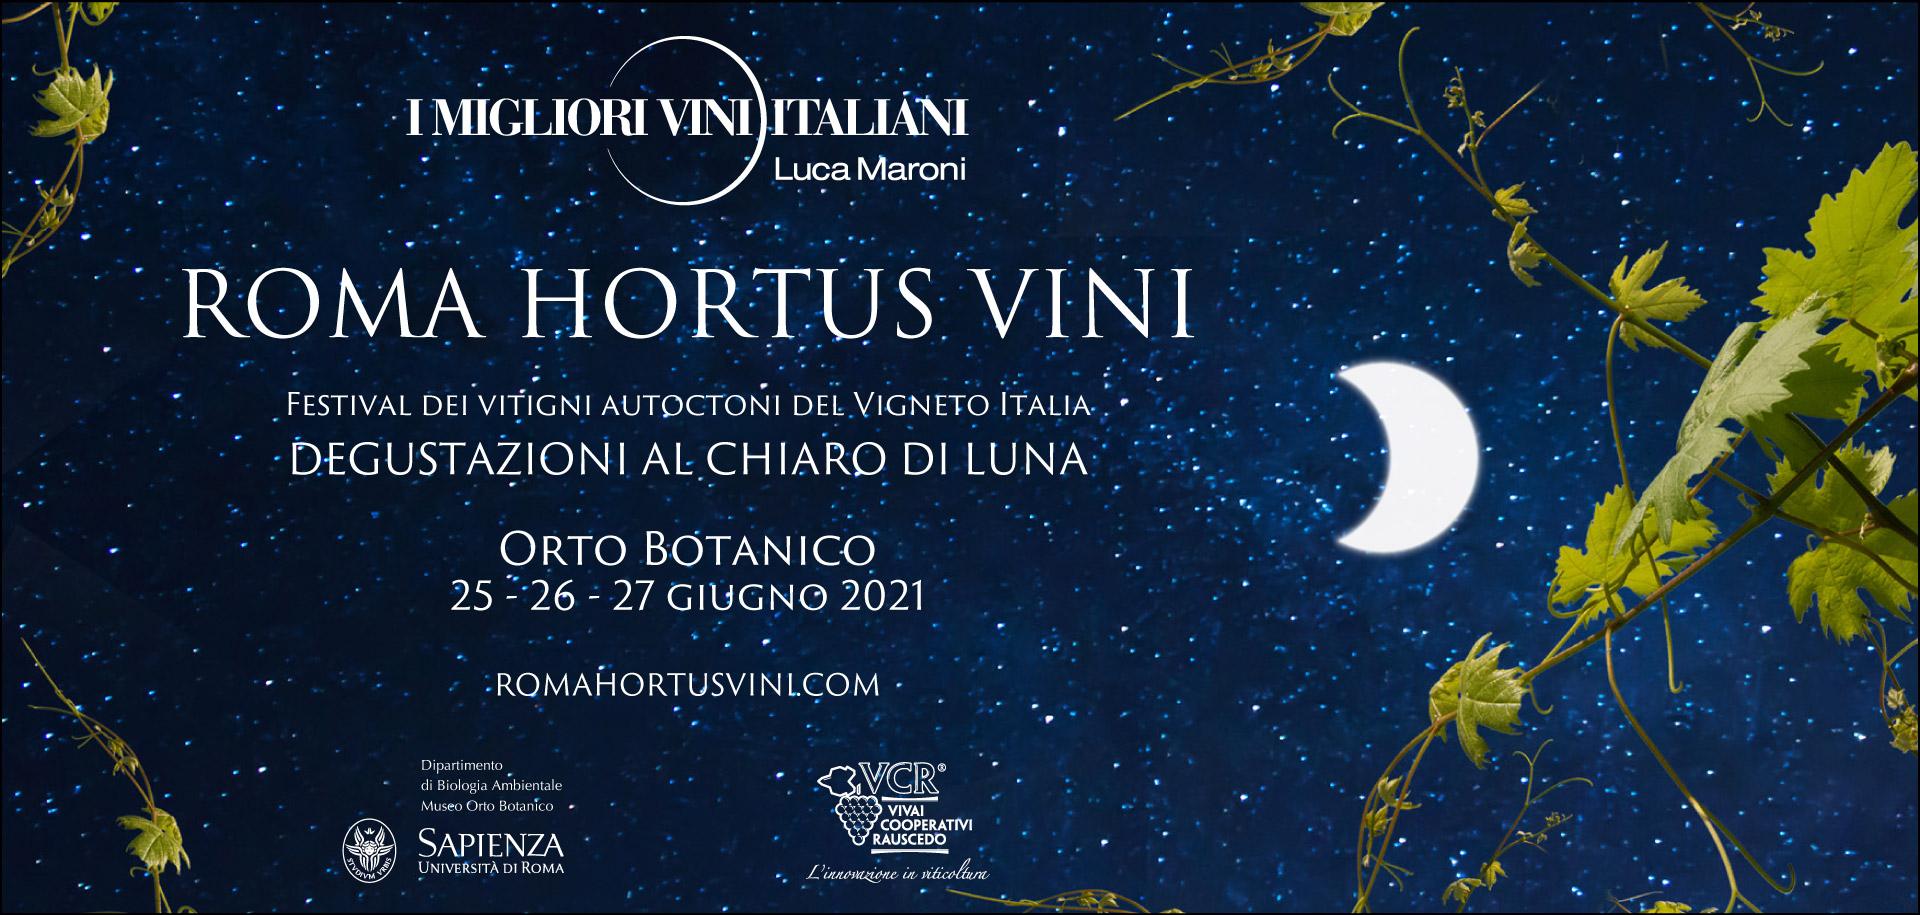 roma-hortus-vini-2021